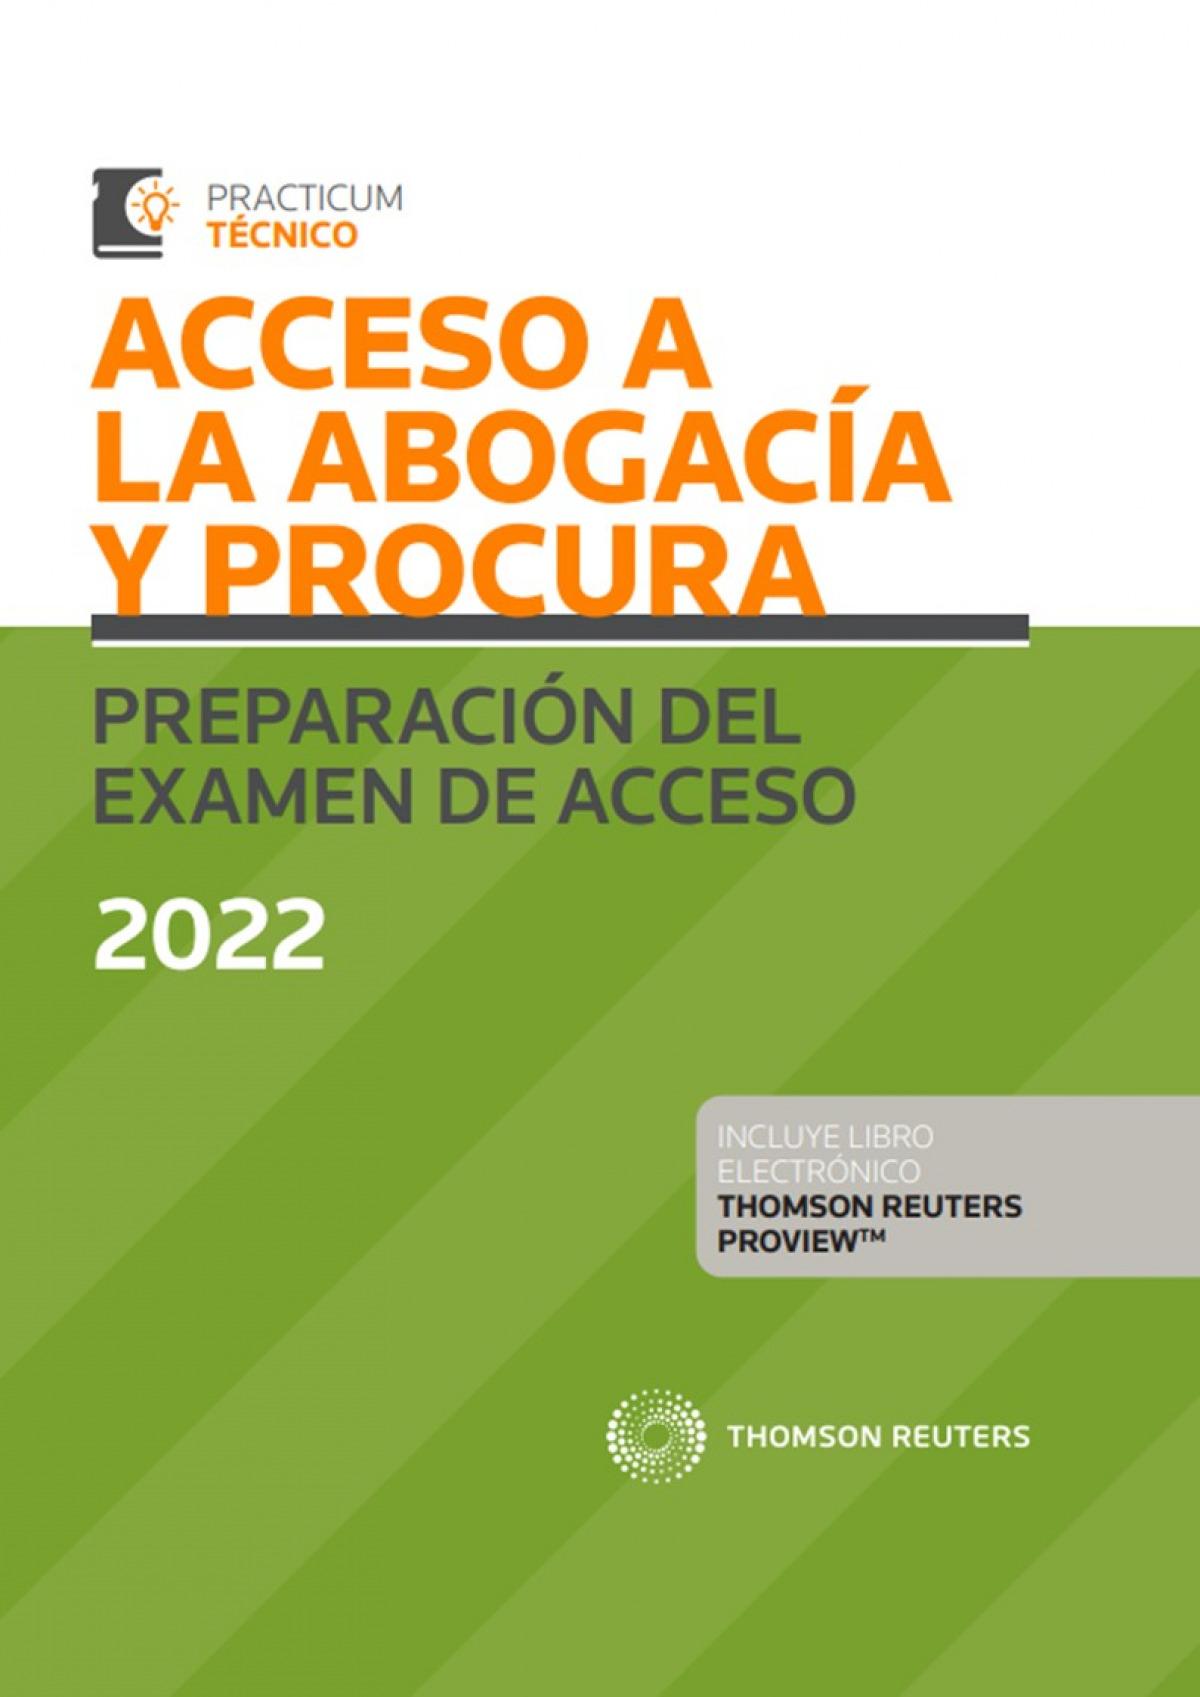 Acceso a la Abogacía y Procura. Preparación del examen de acceso 2022 (Papel + e-book)